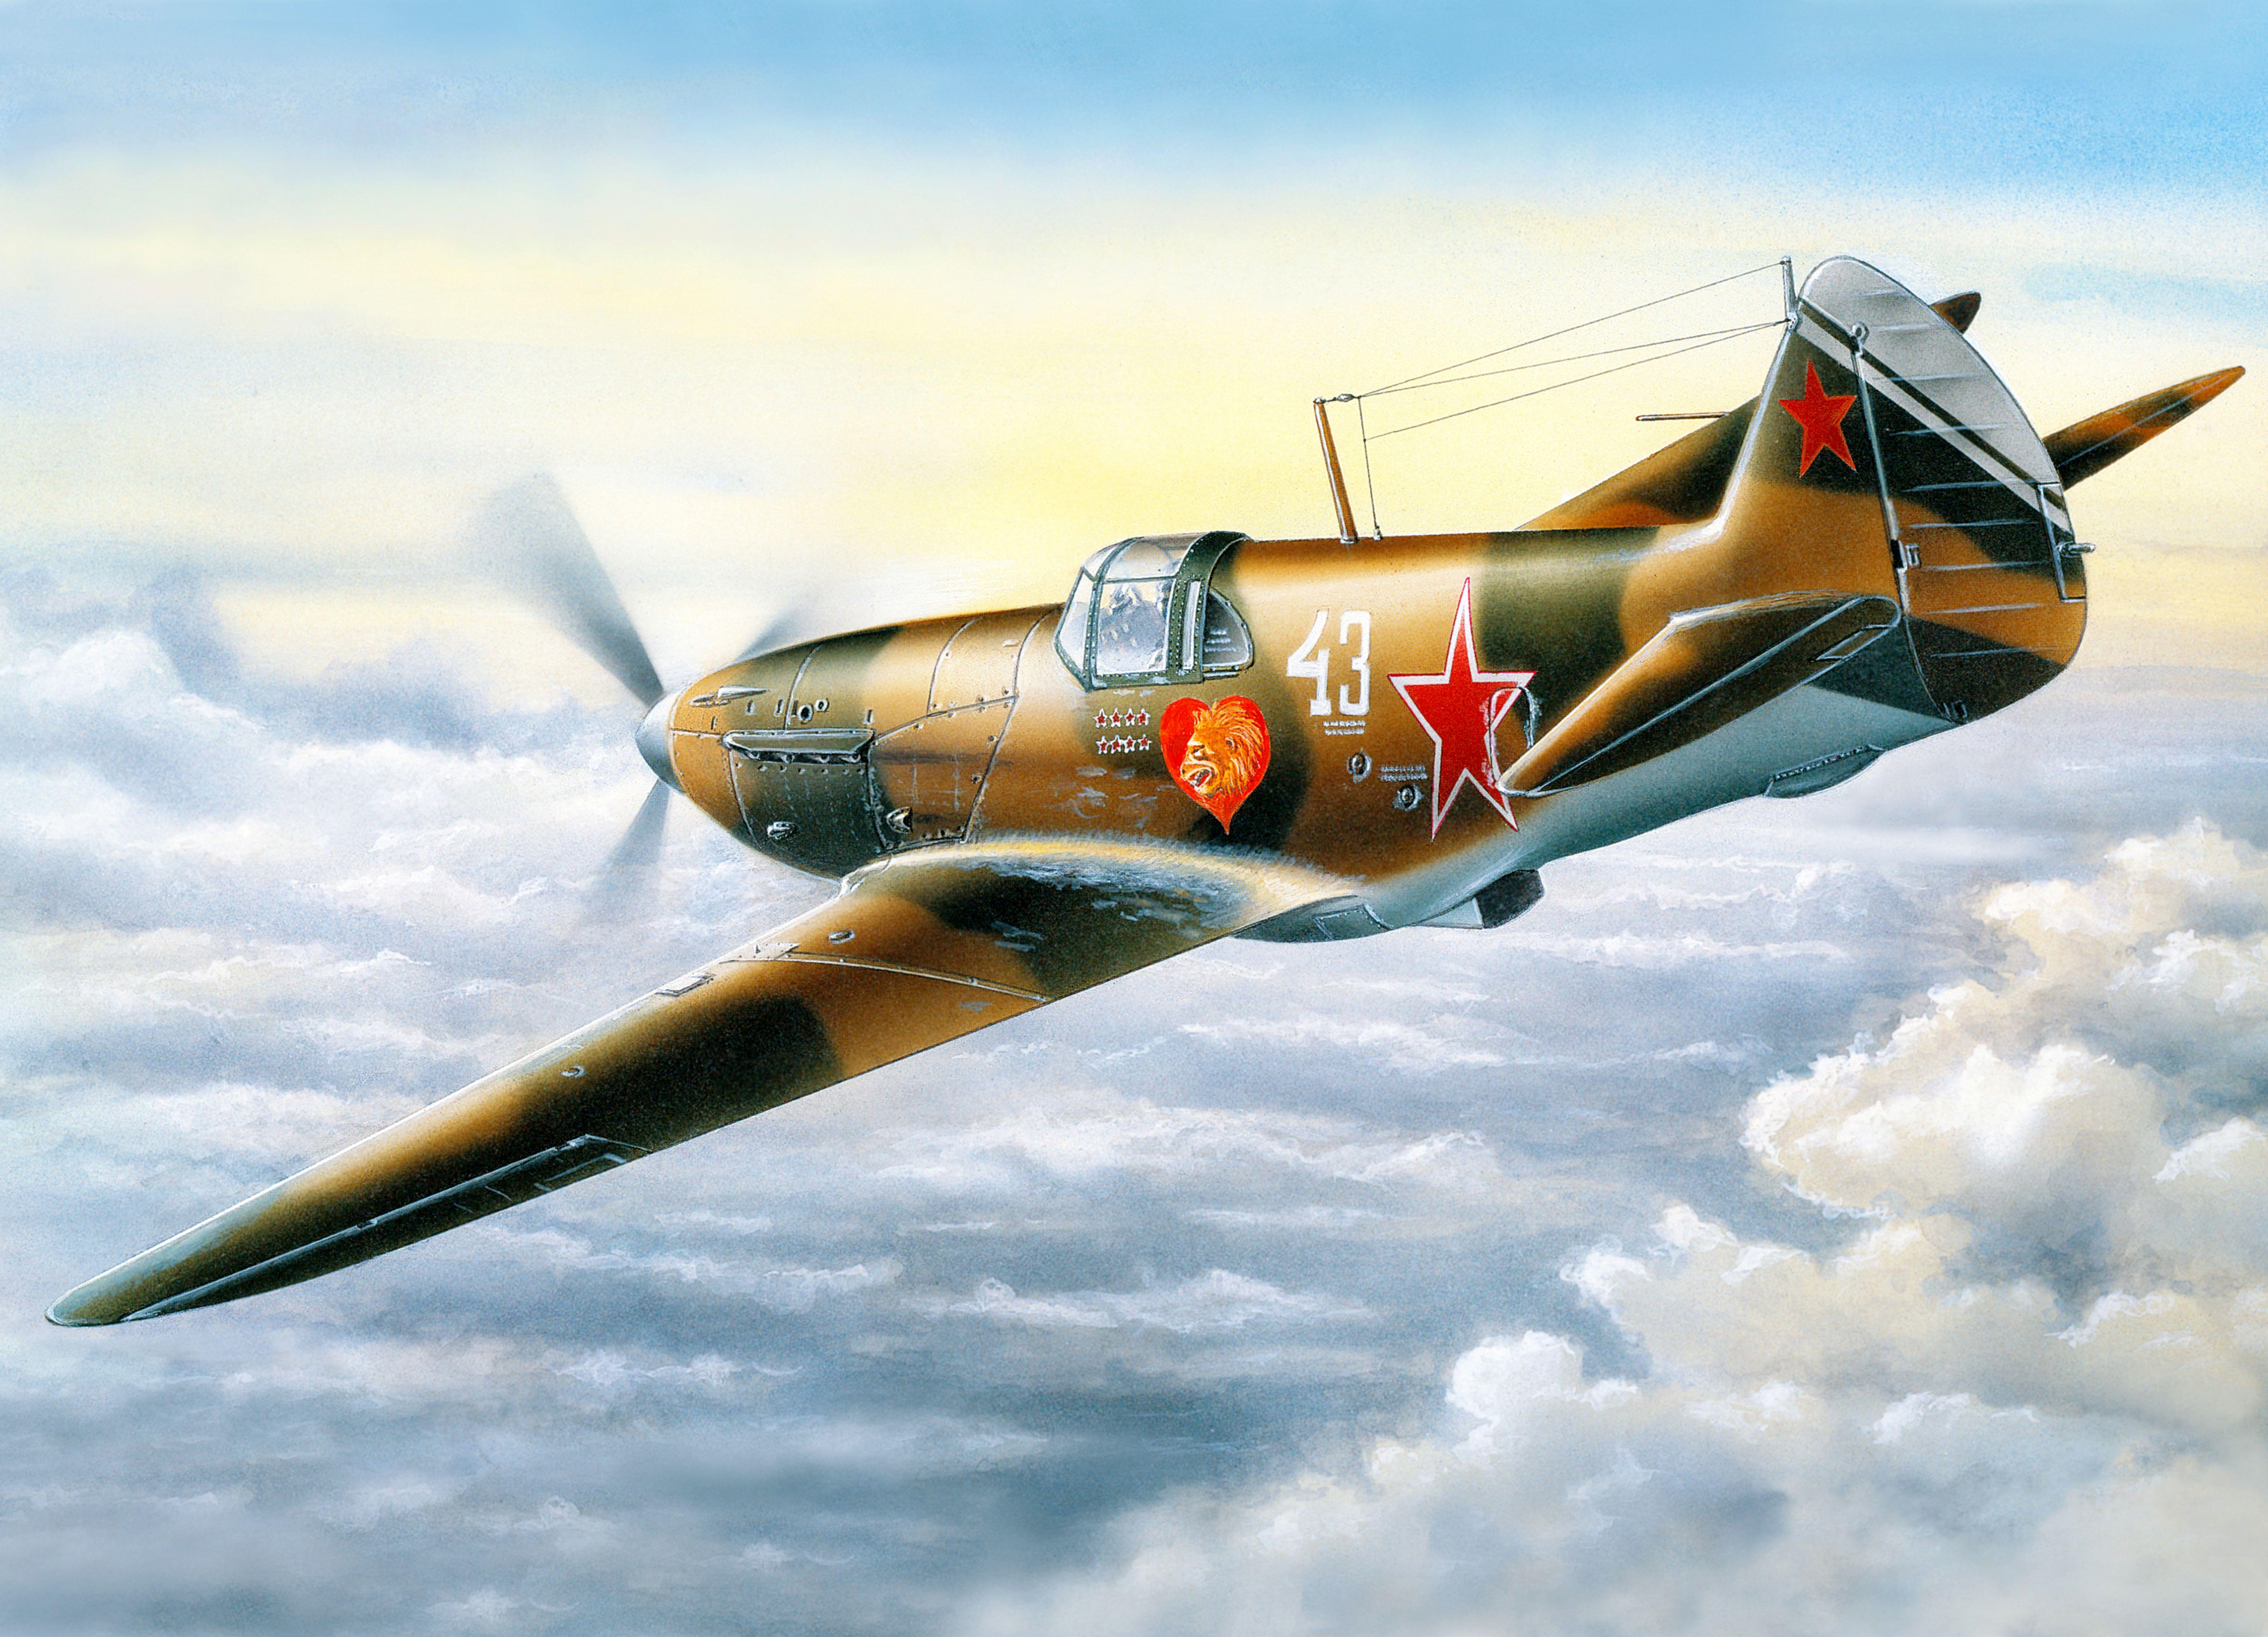 самолет в вов в картинках футуристическом стиле эргономичная